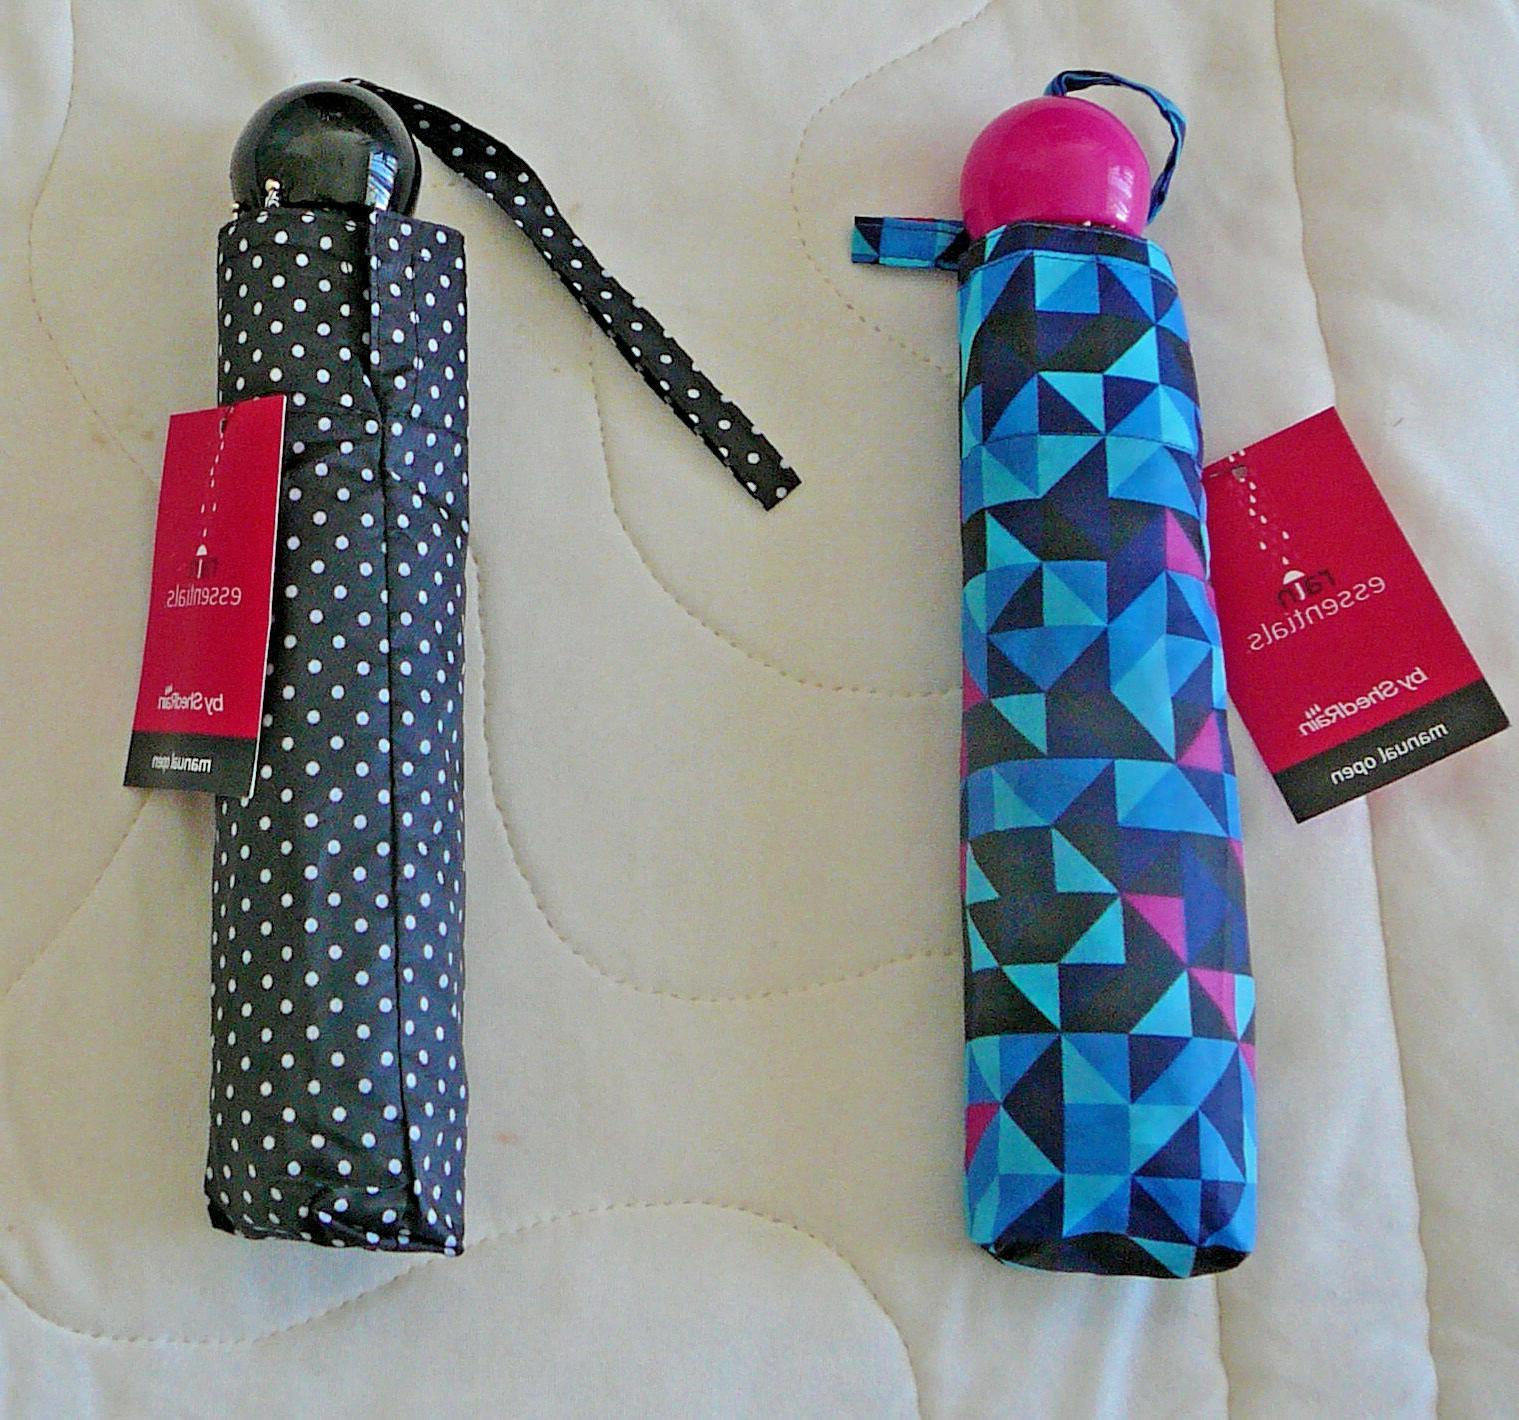 rain essentials manual open umbrella compact mini